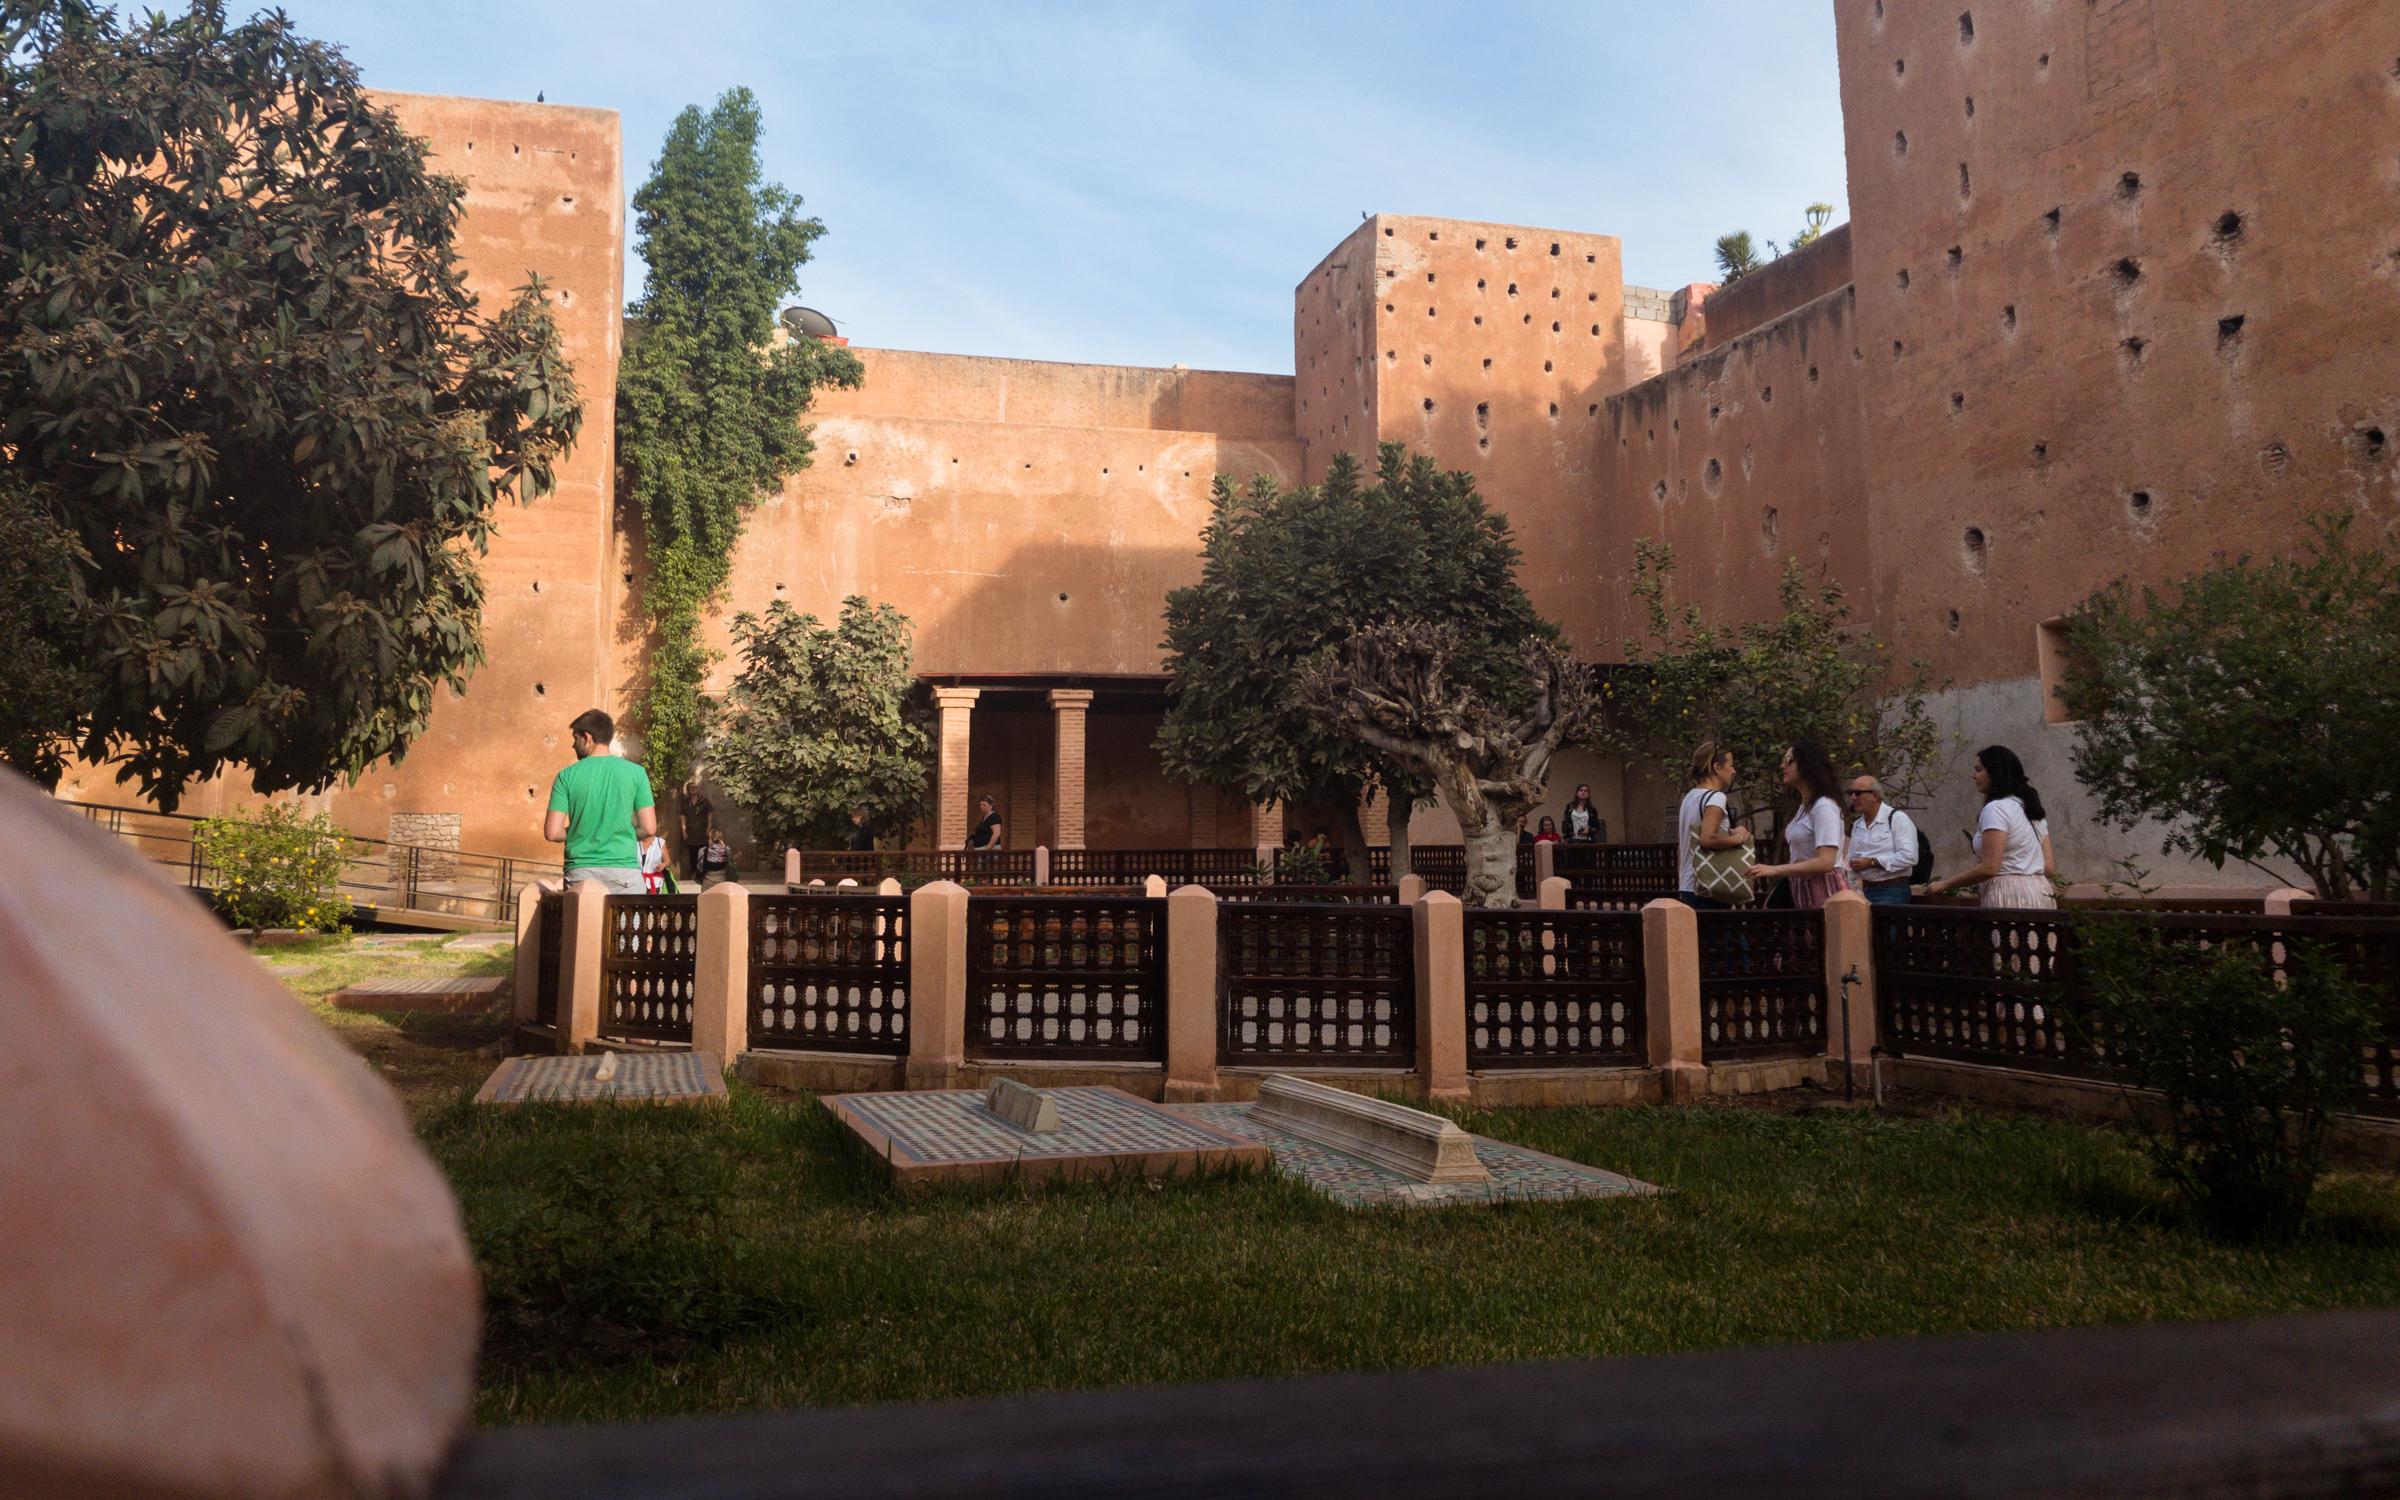 Marrakech_iPhone8+_Photos - Blog_Photos-54.jpg